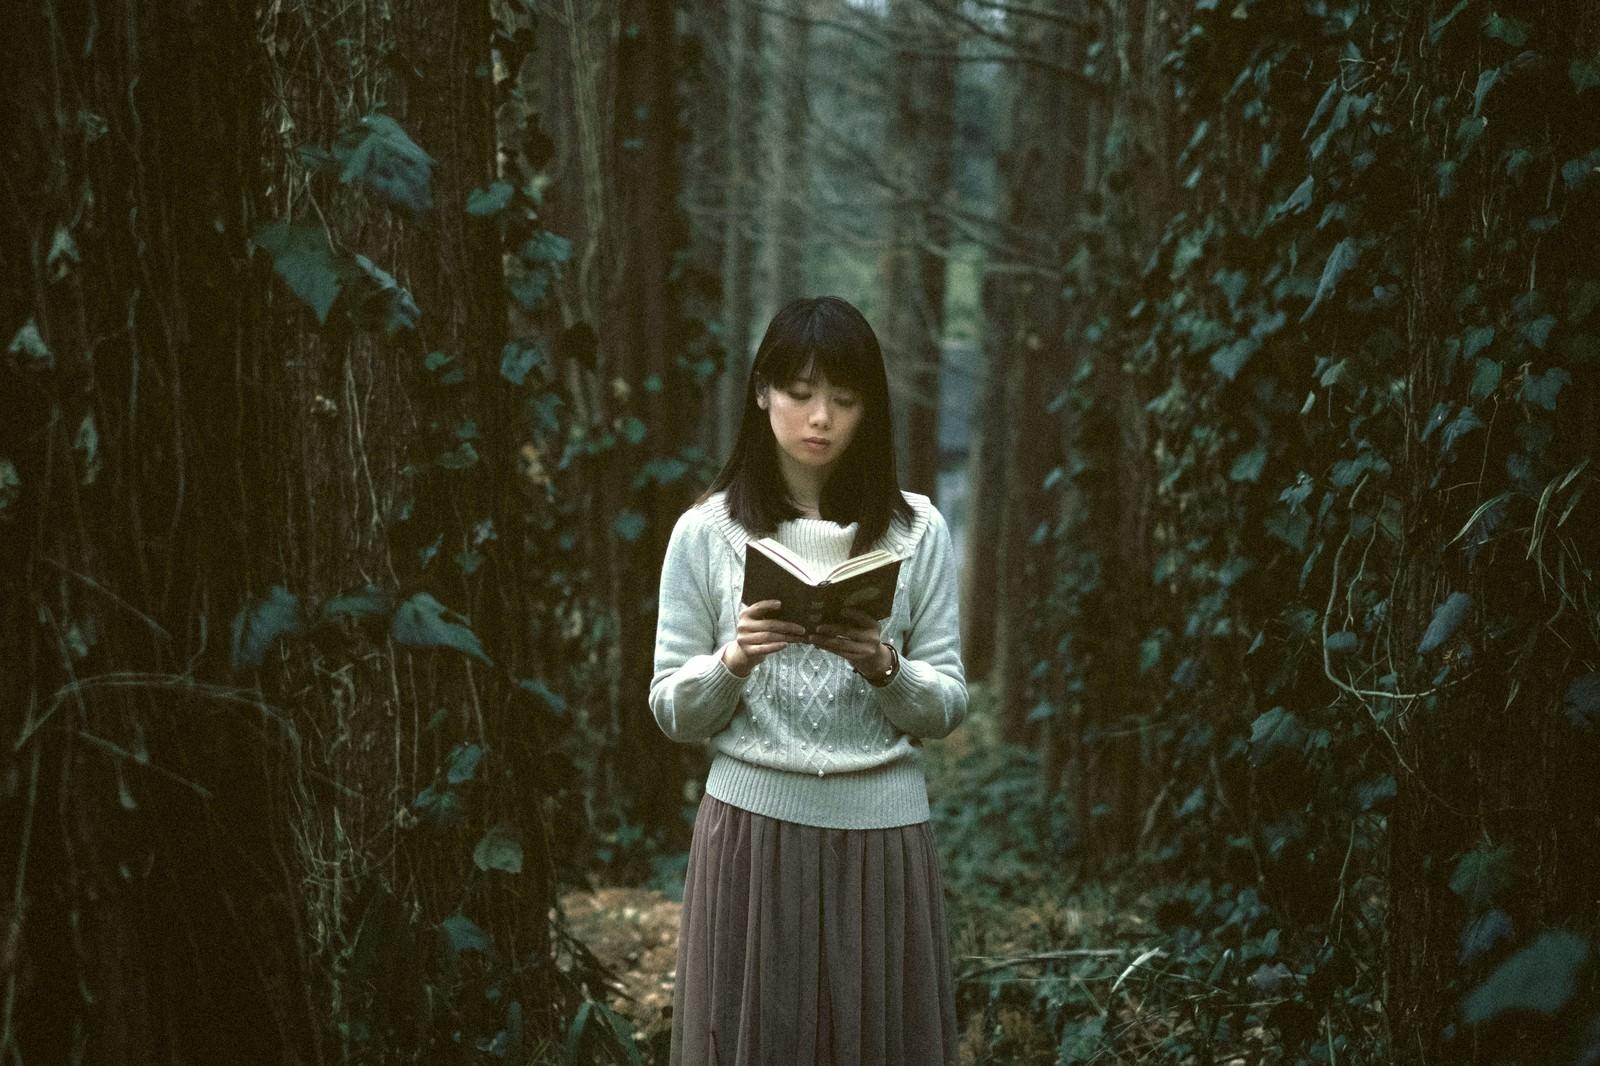 「深い森に迷い込んだ読書美女深い森に迷い込んだ読書美女」[モデル:白鳥片栗粉]のフリー写真素材を拡大